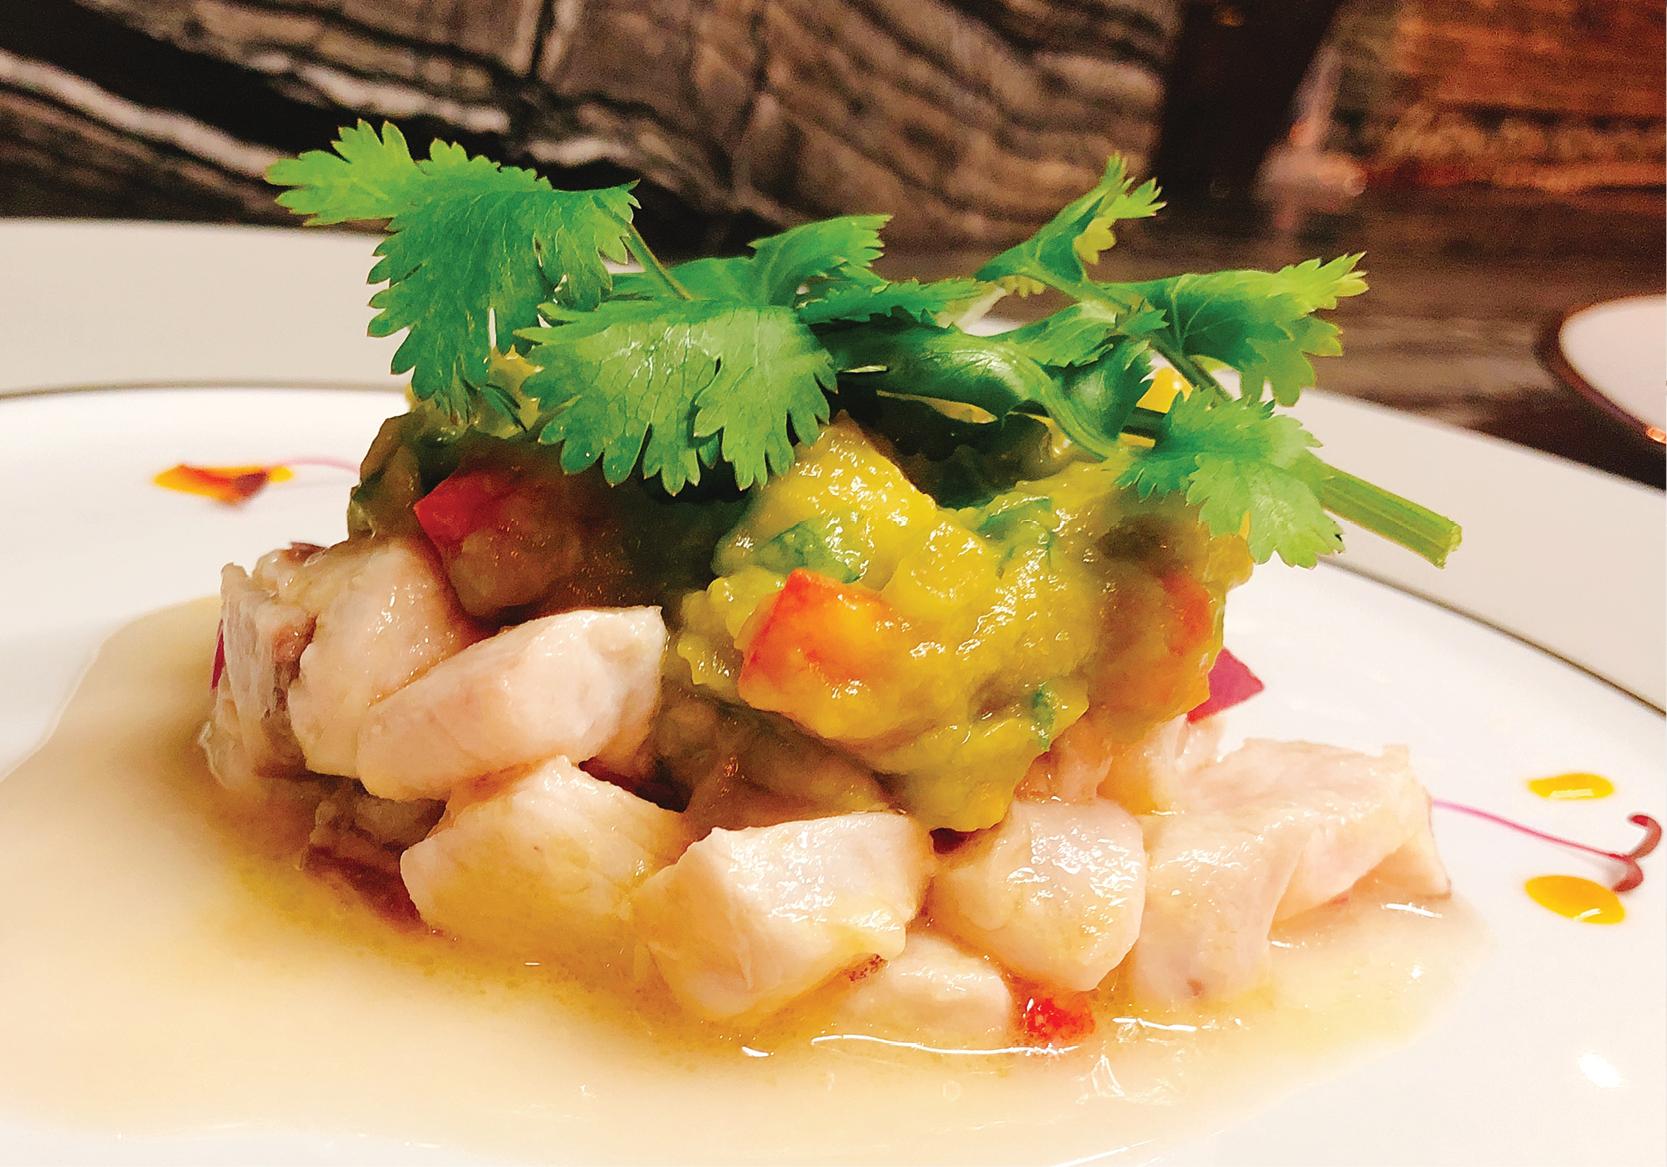 Grouper ceviche with avocado salsa and coriander